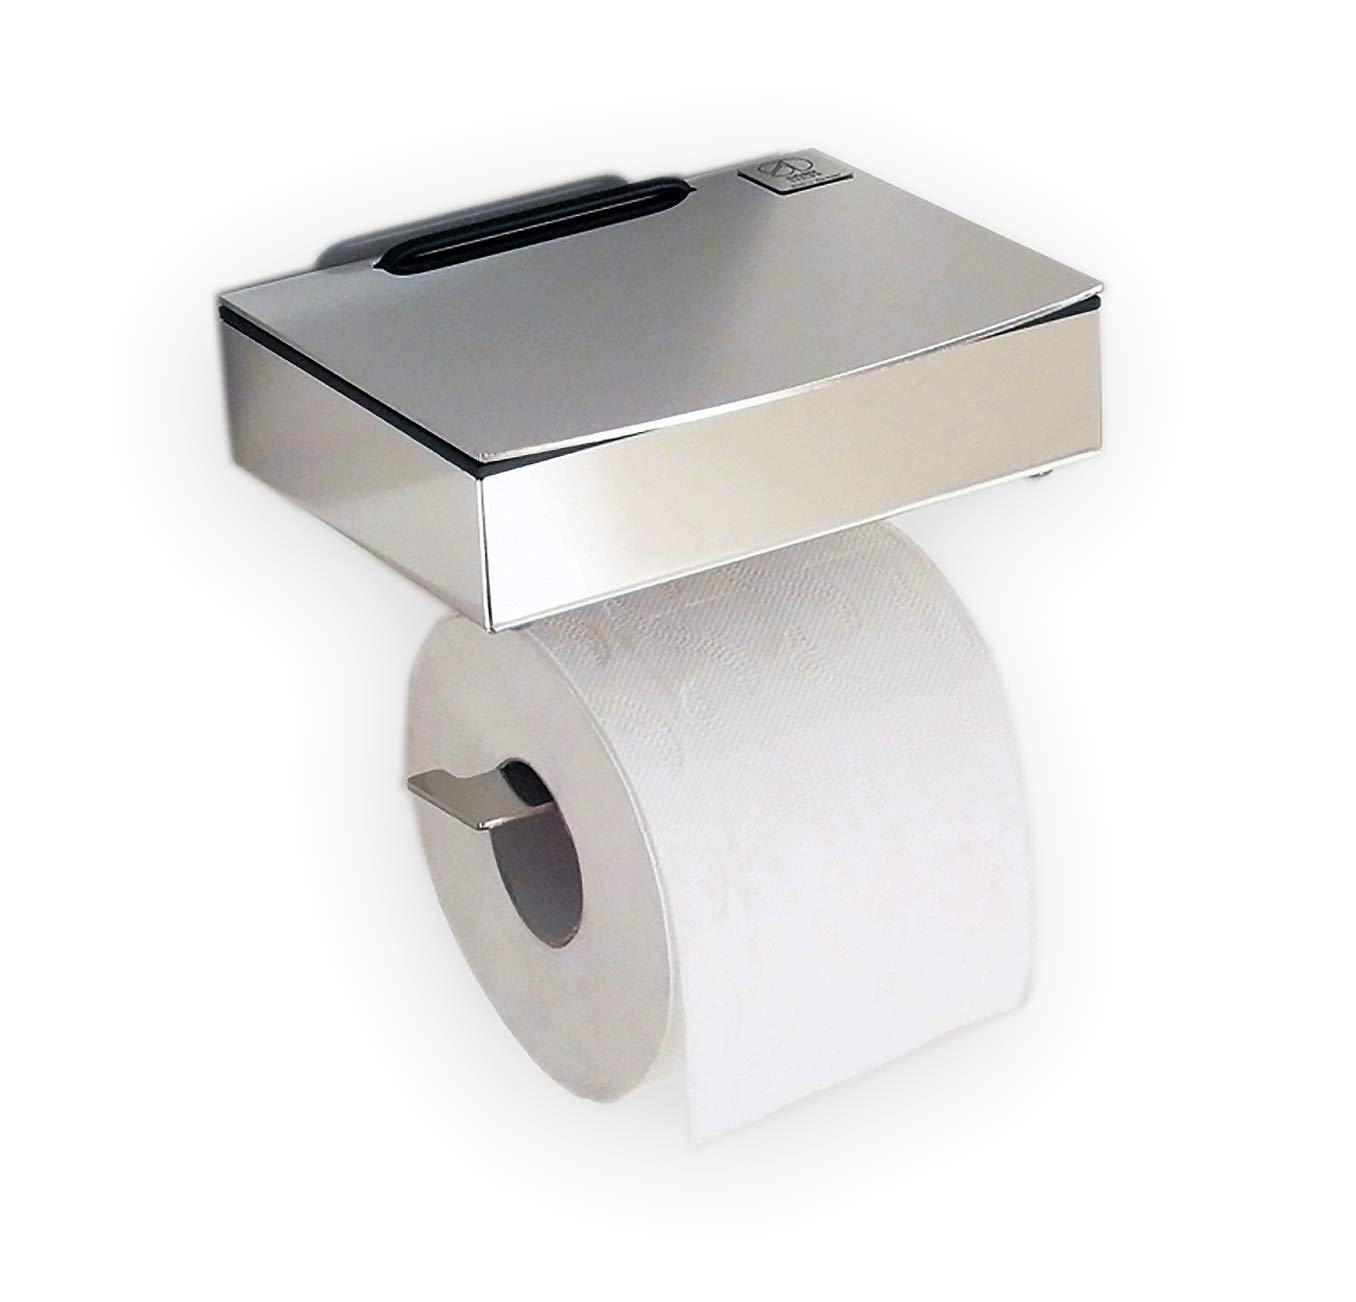 Para toallitas húmedas/papel higiénico de acero inoxidable - combinación - Made in Germany: Amazon.es: Hogar